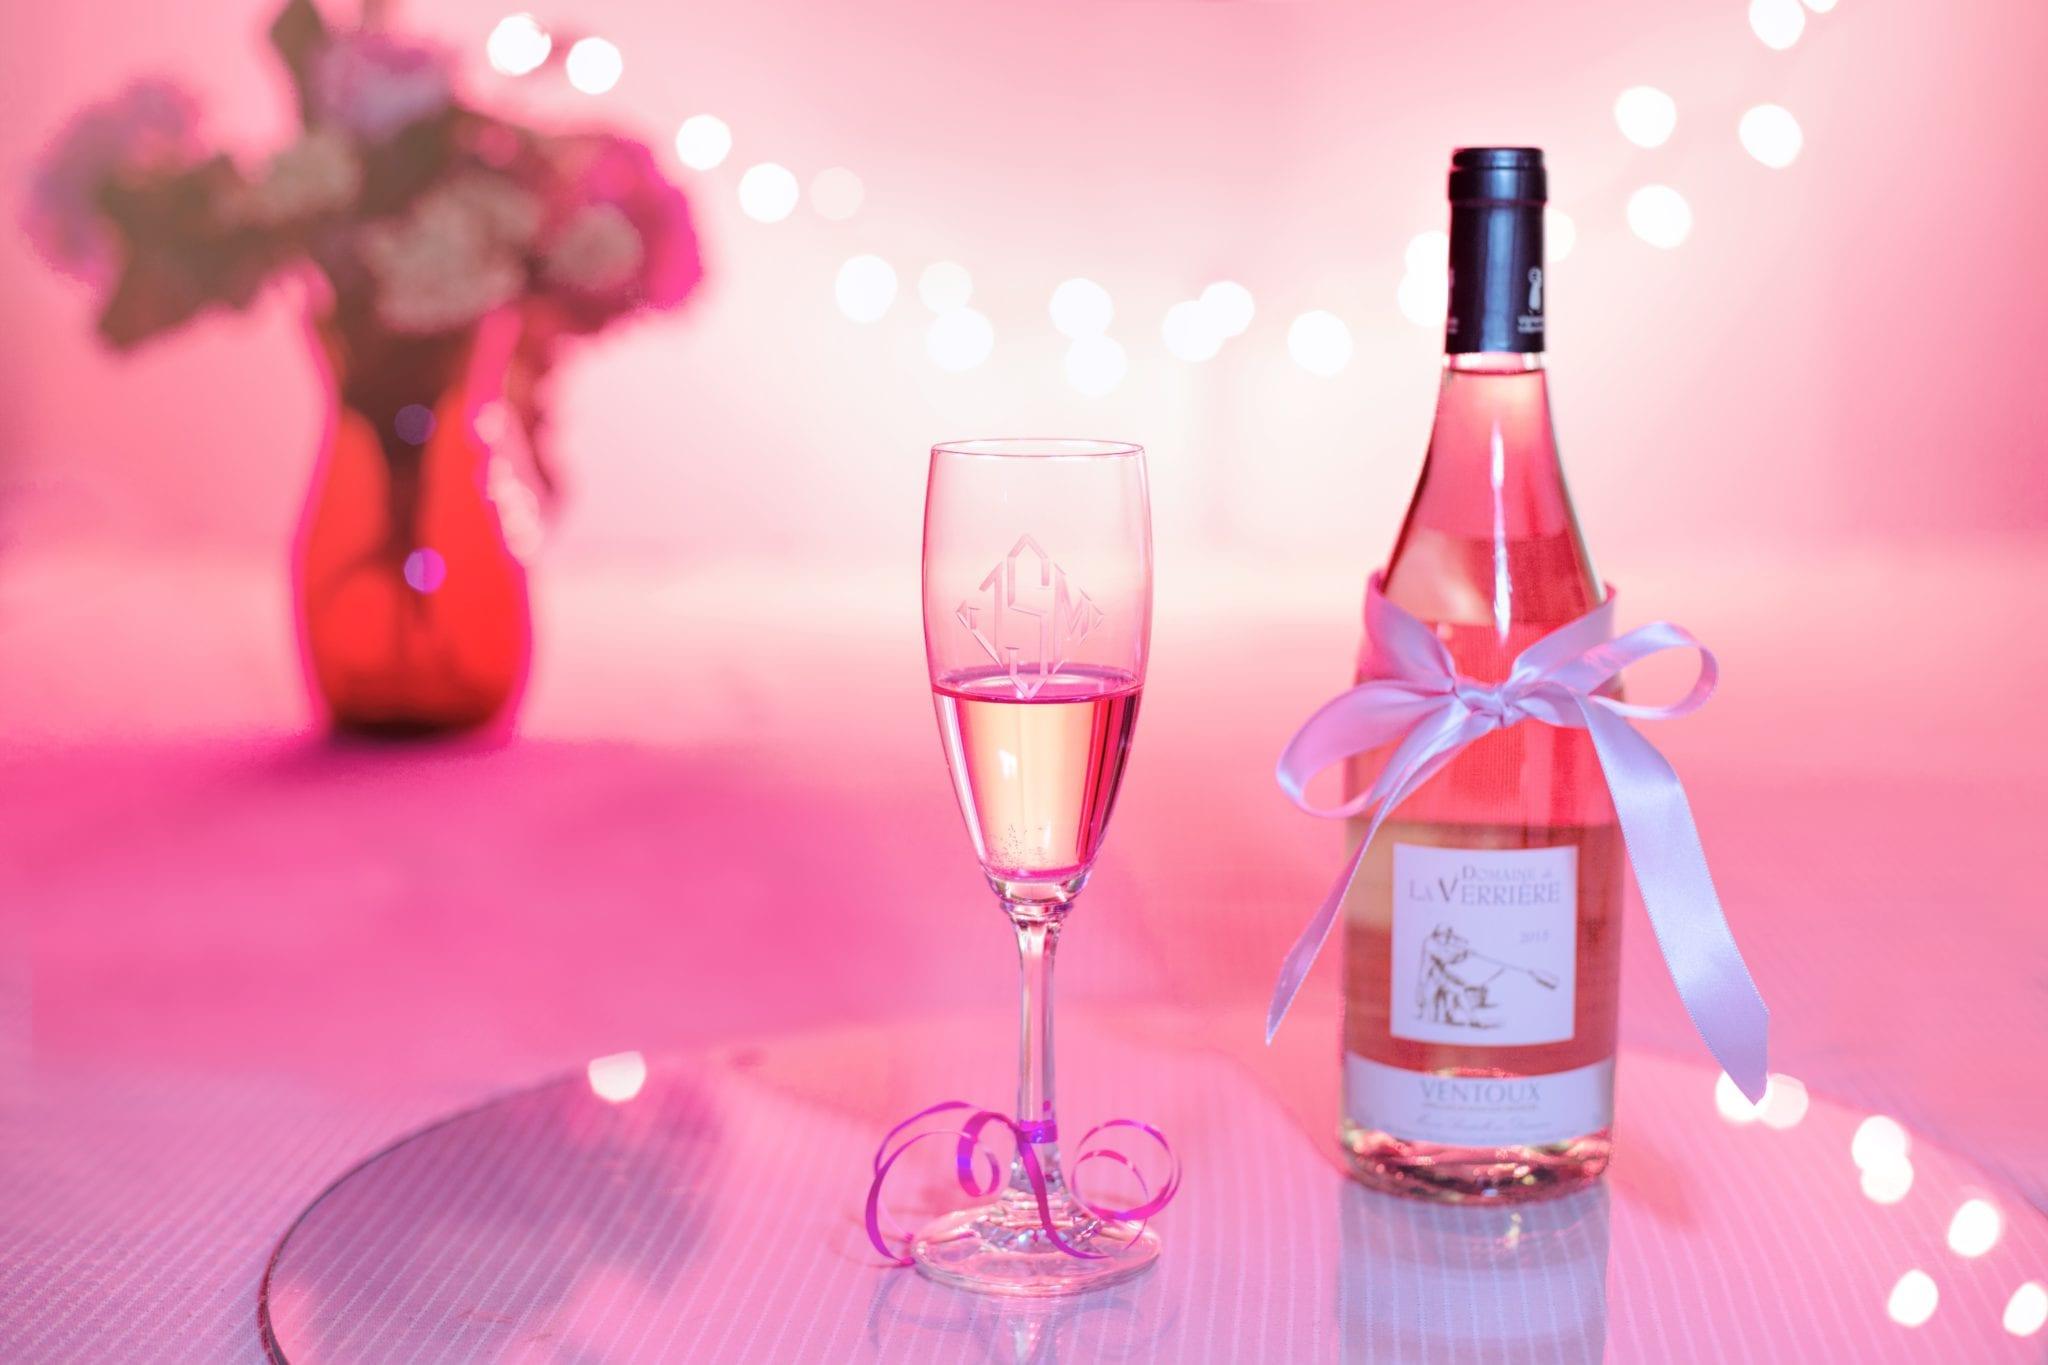 Photo d'une bouteille de vin rose - Mariage-Perpignan - Vin Perpignan